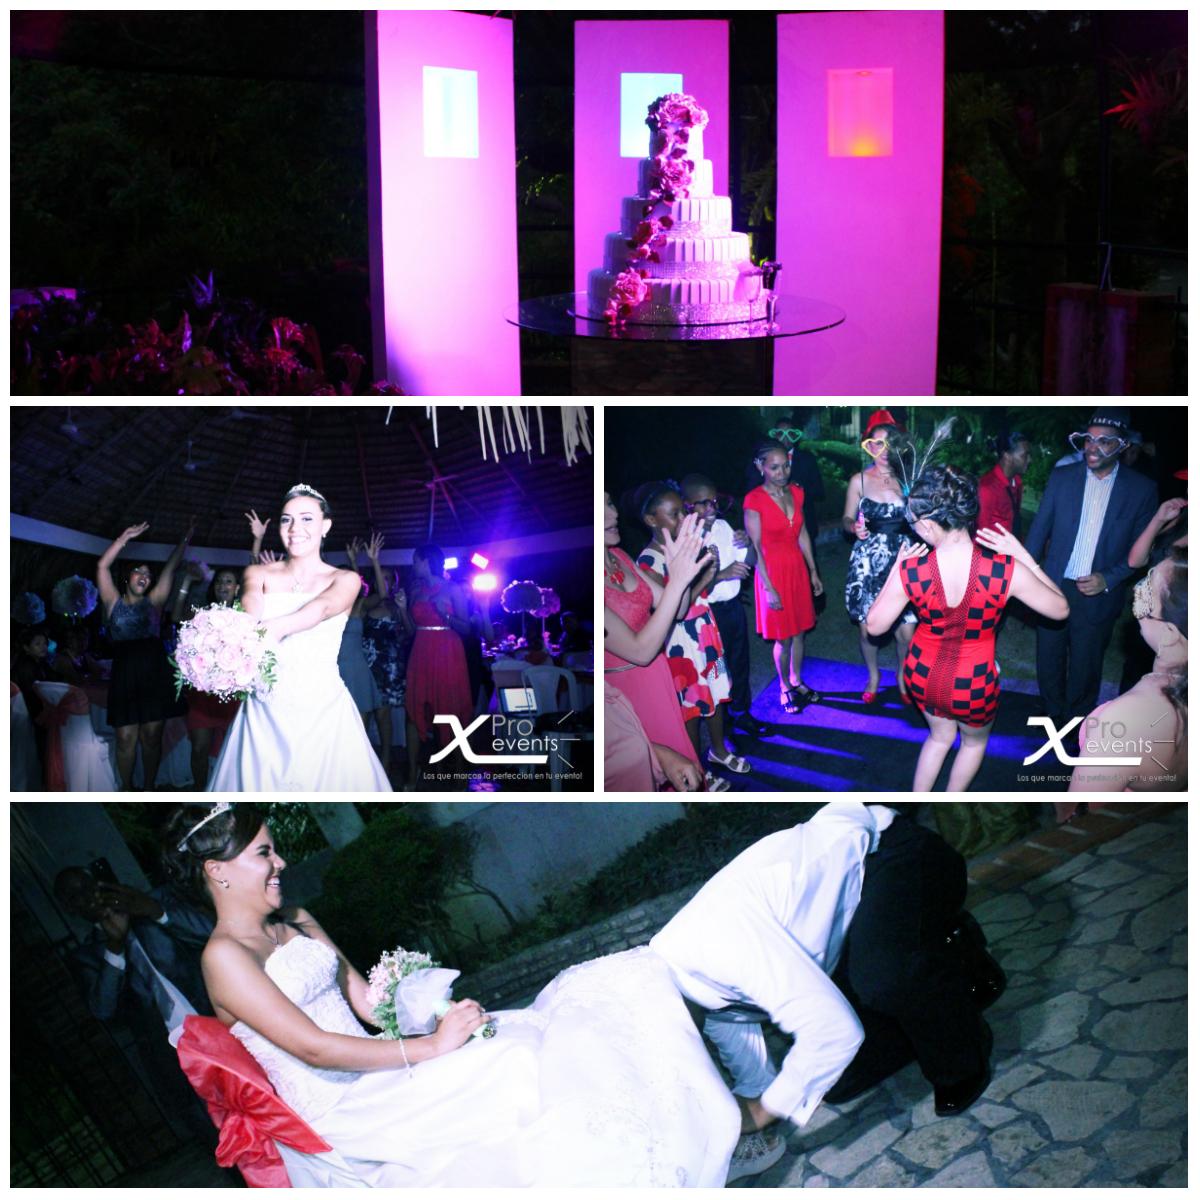 www.Xproevents.com - Los que marcan la perfeccion en tu evento 02 (1).jpg